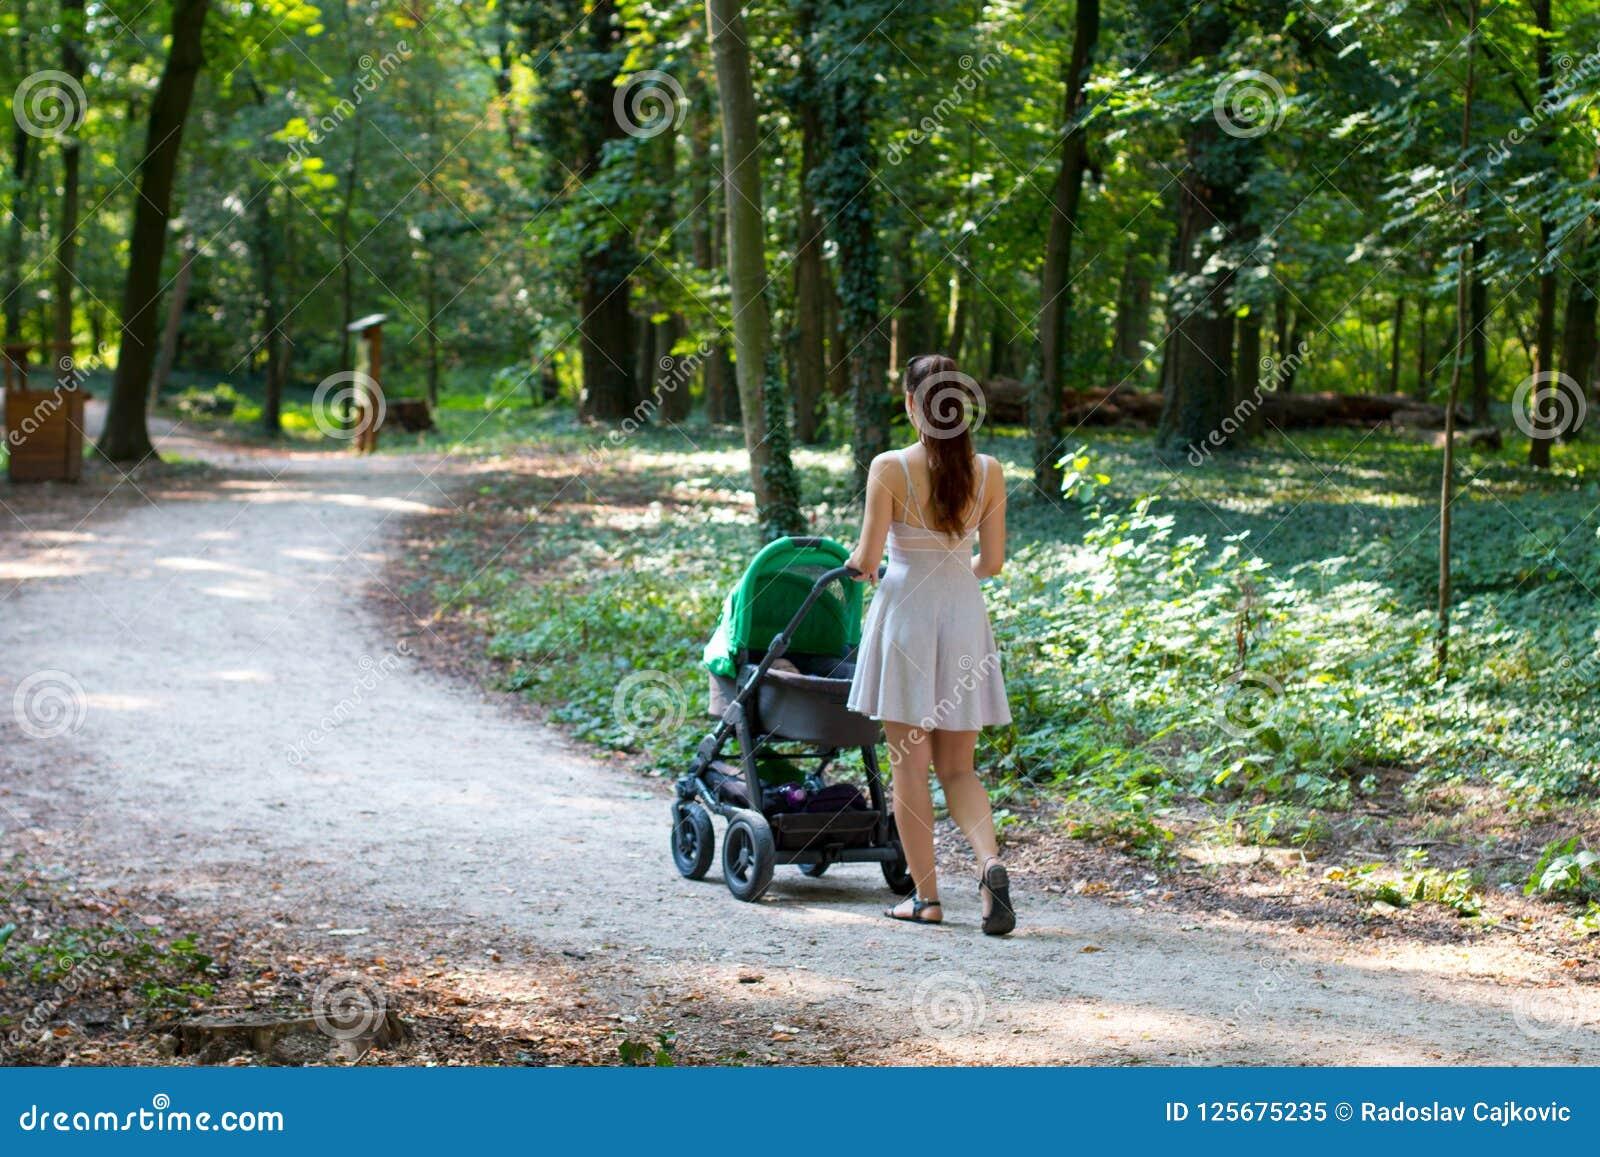 Aardgang met wandelwagen, achtermening van jong wijfje in mooie kleding die op de weg met haar baby in de kinderwagen lopen